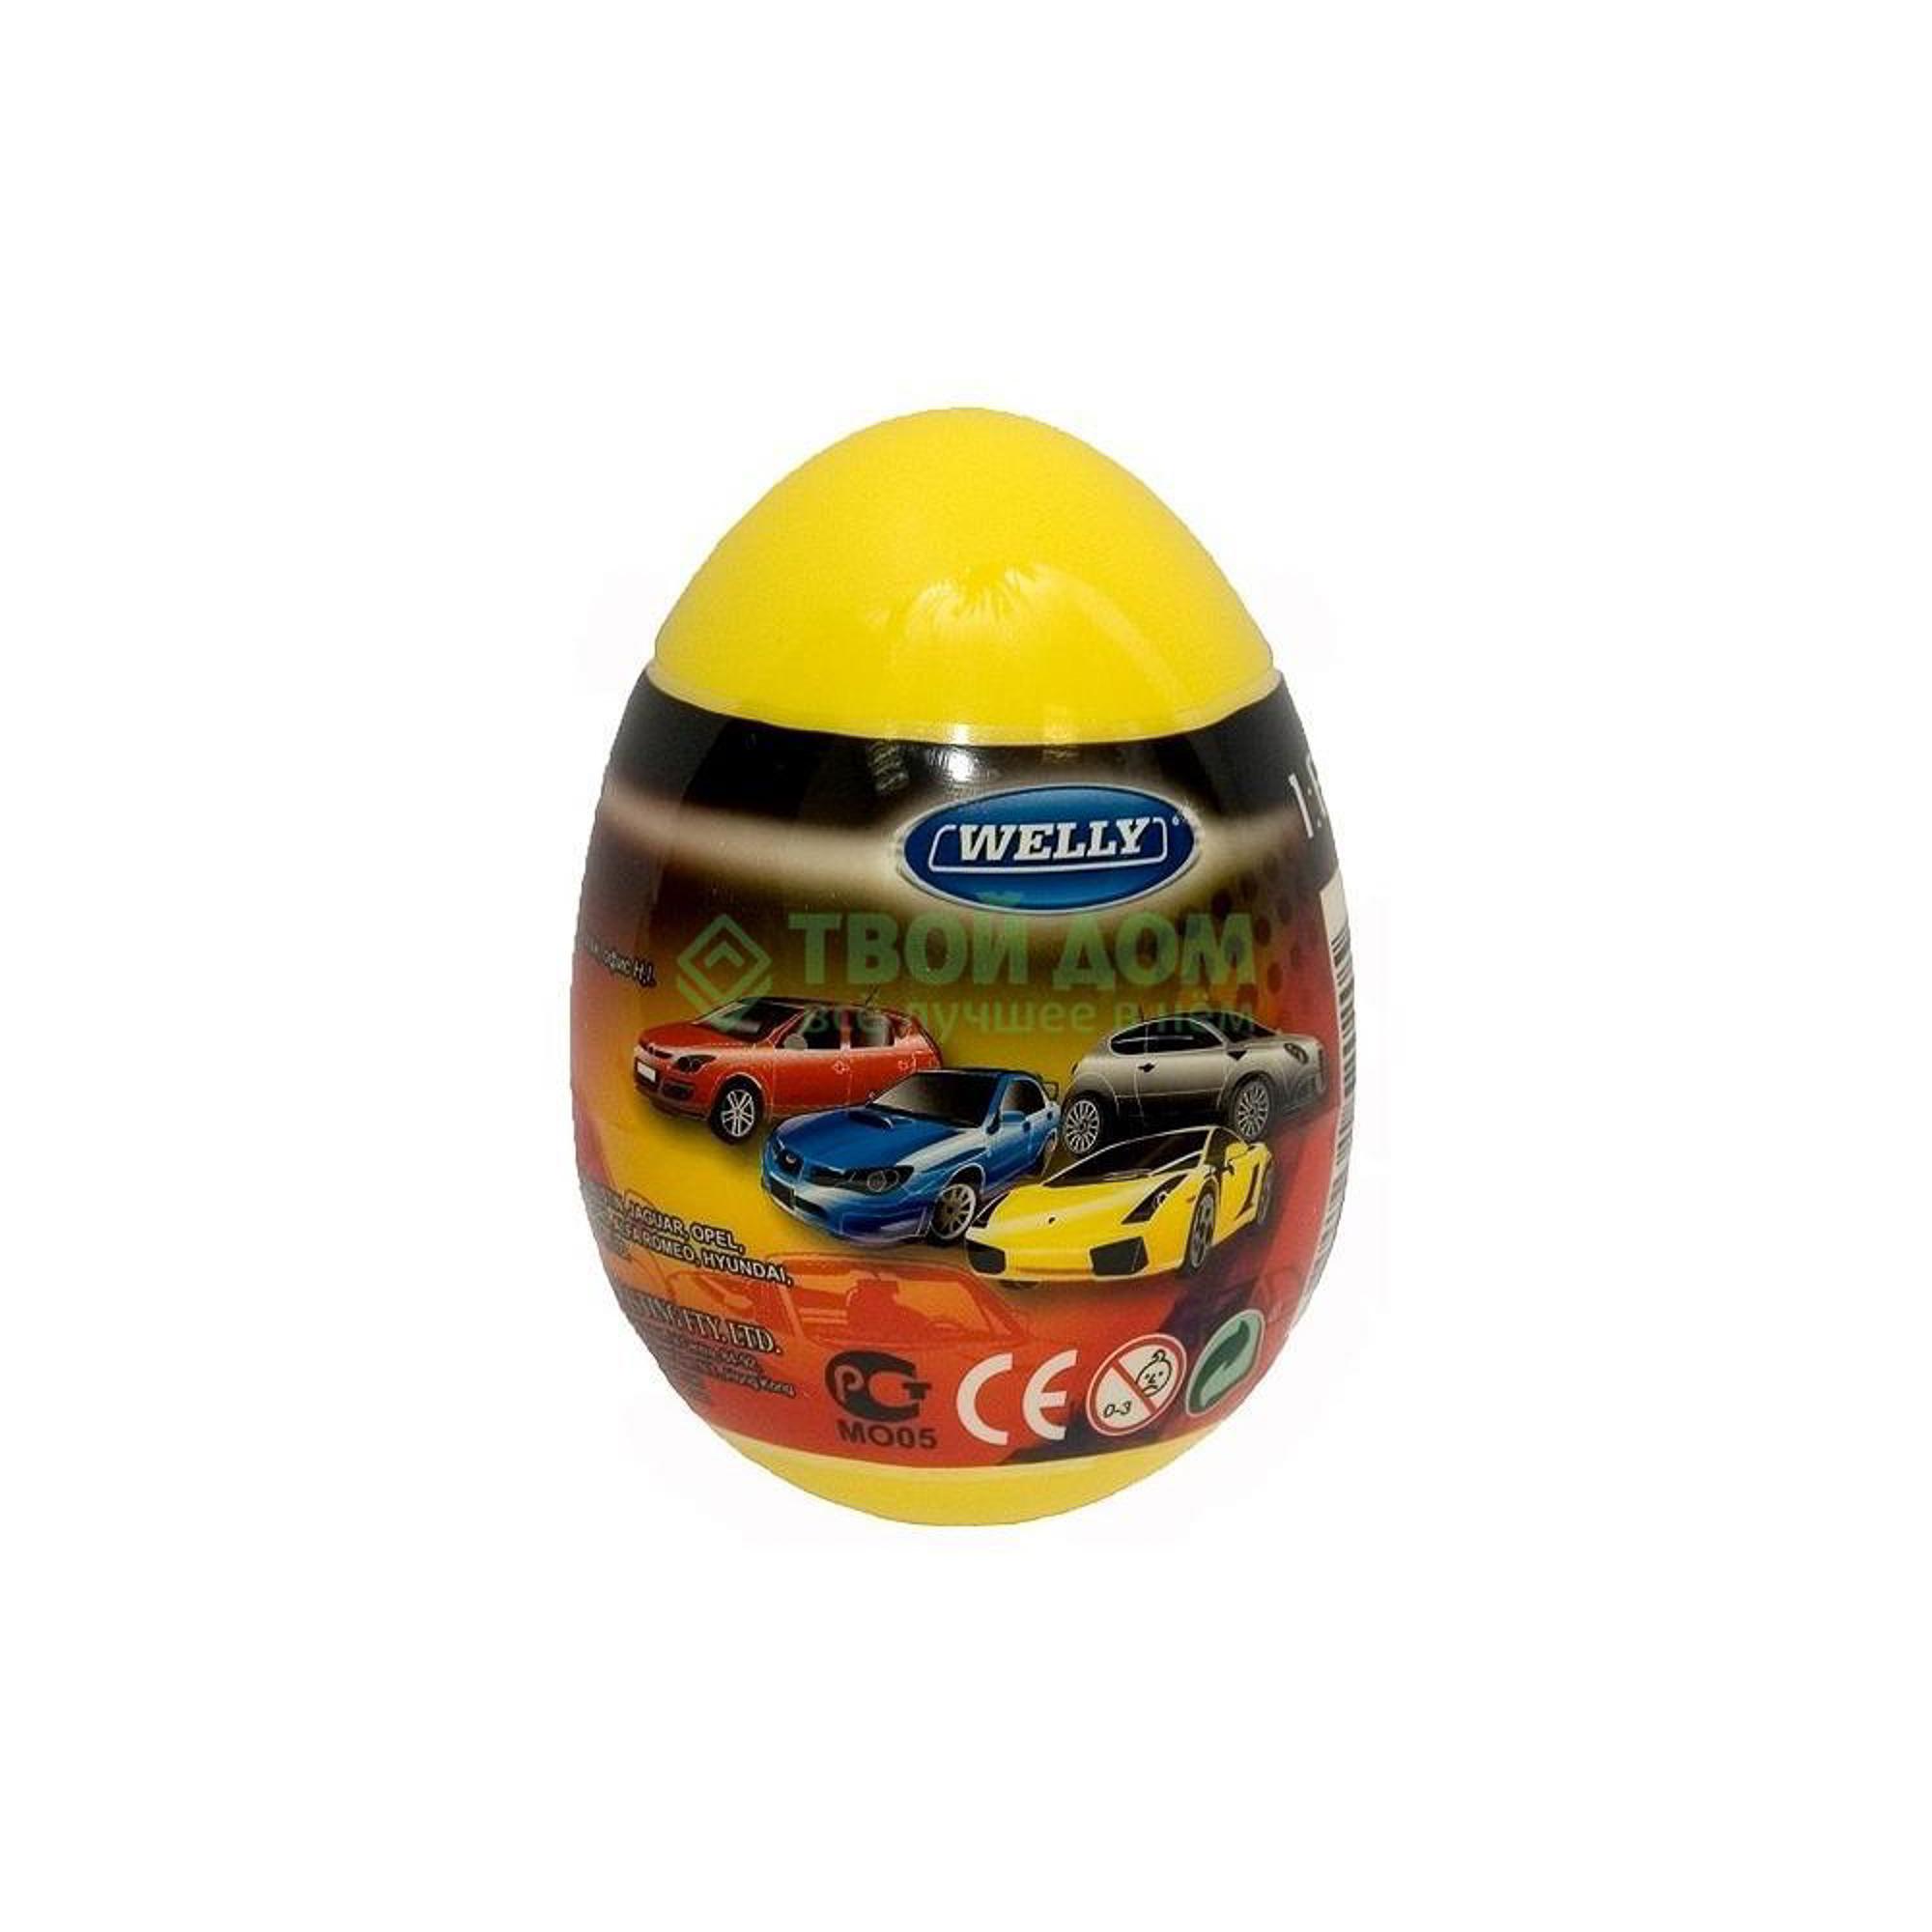 Машинка Welly Игр модель машины 1-60 яйцо-сюрприз асс 52020E.